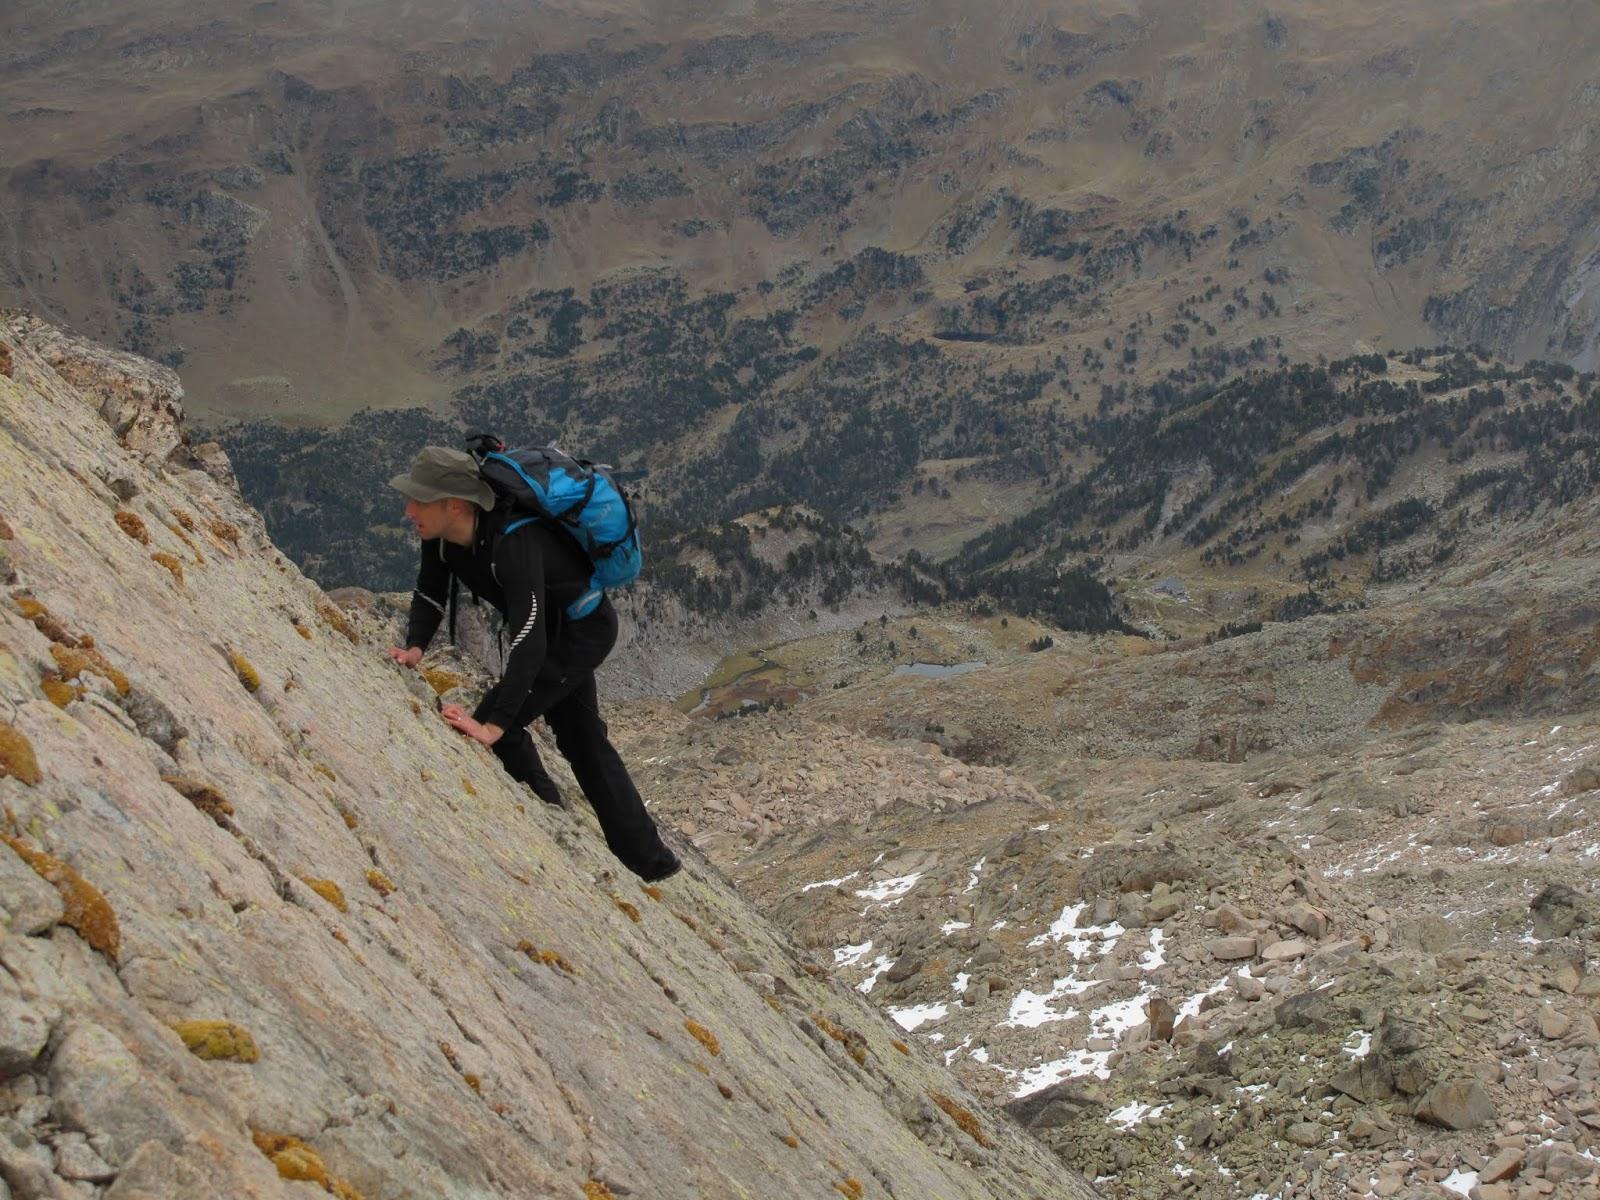 Pyrenees: Pico de Aneto and Pico de Alba from Benasque.